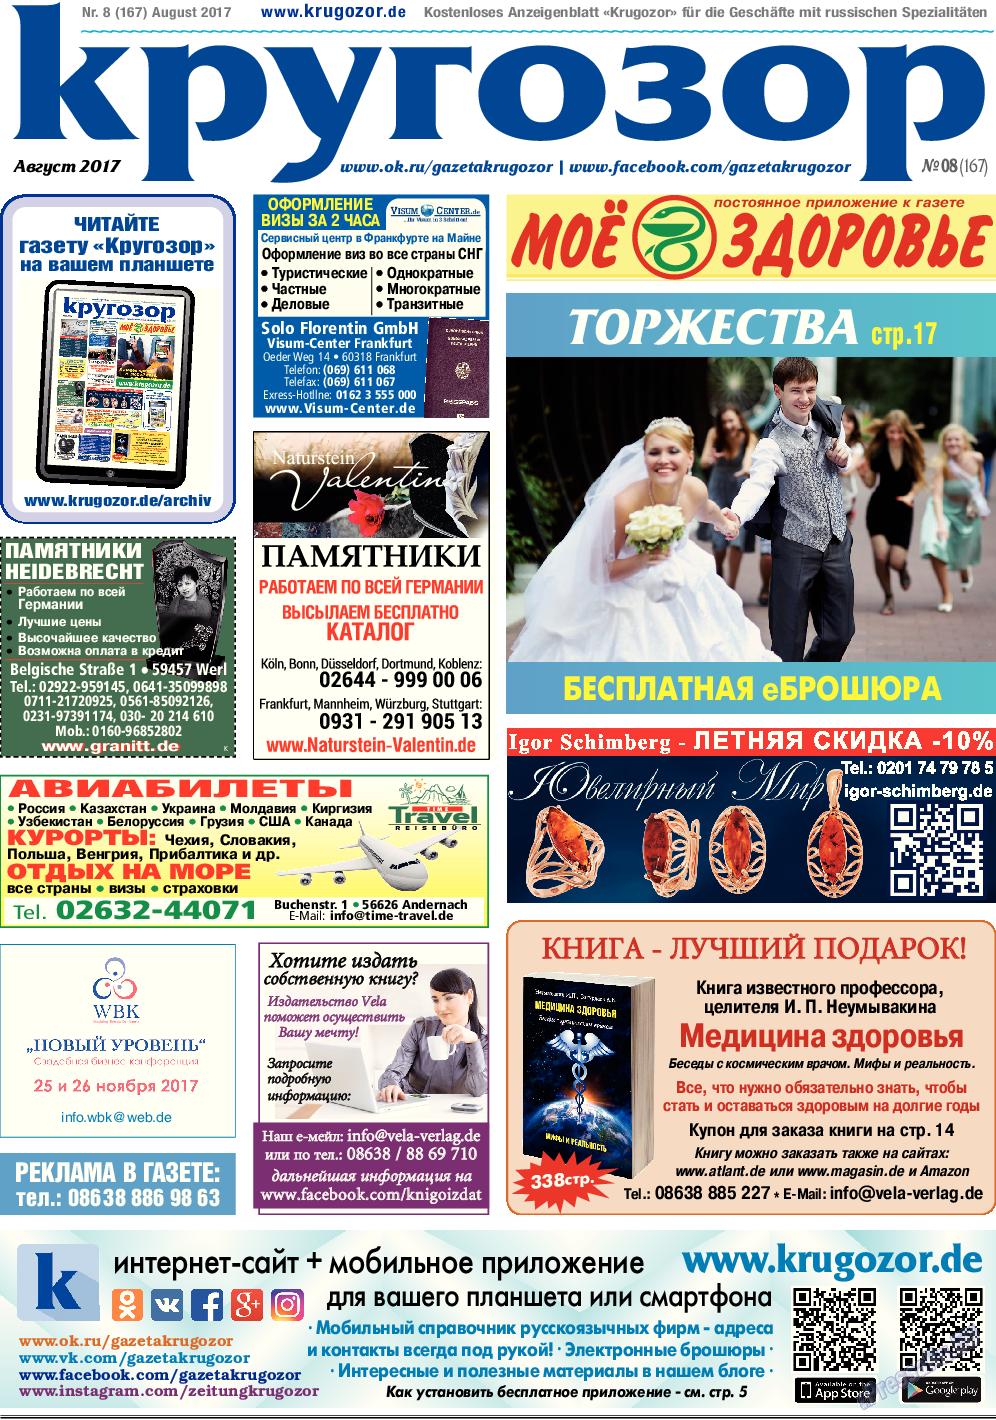 Кругозор (газета). 2017 год, номер 8, стр. 1